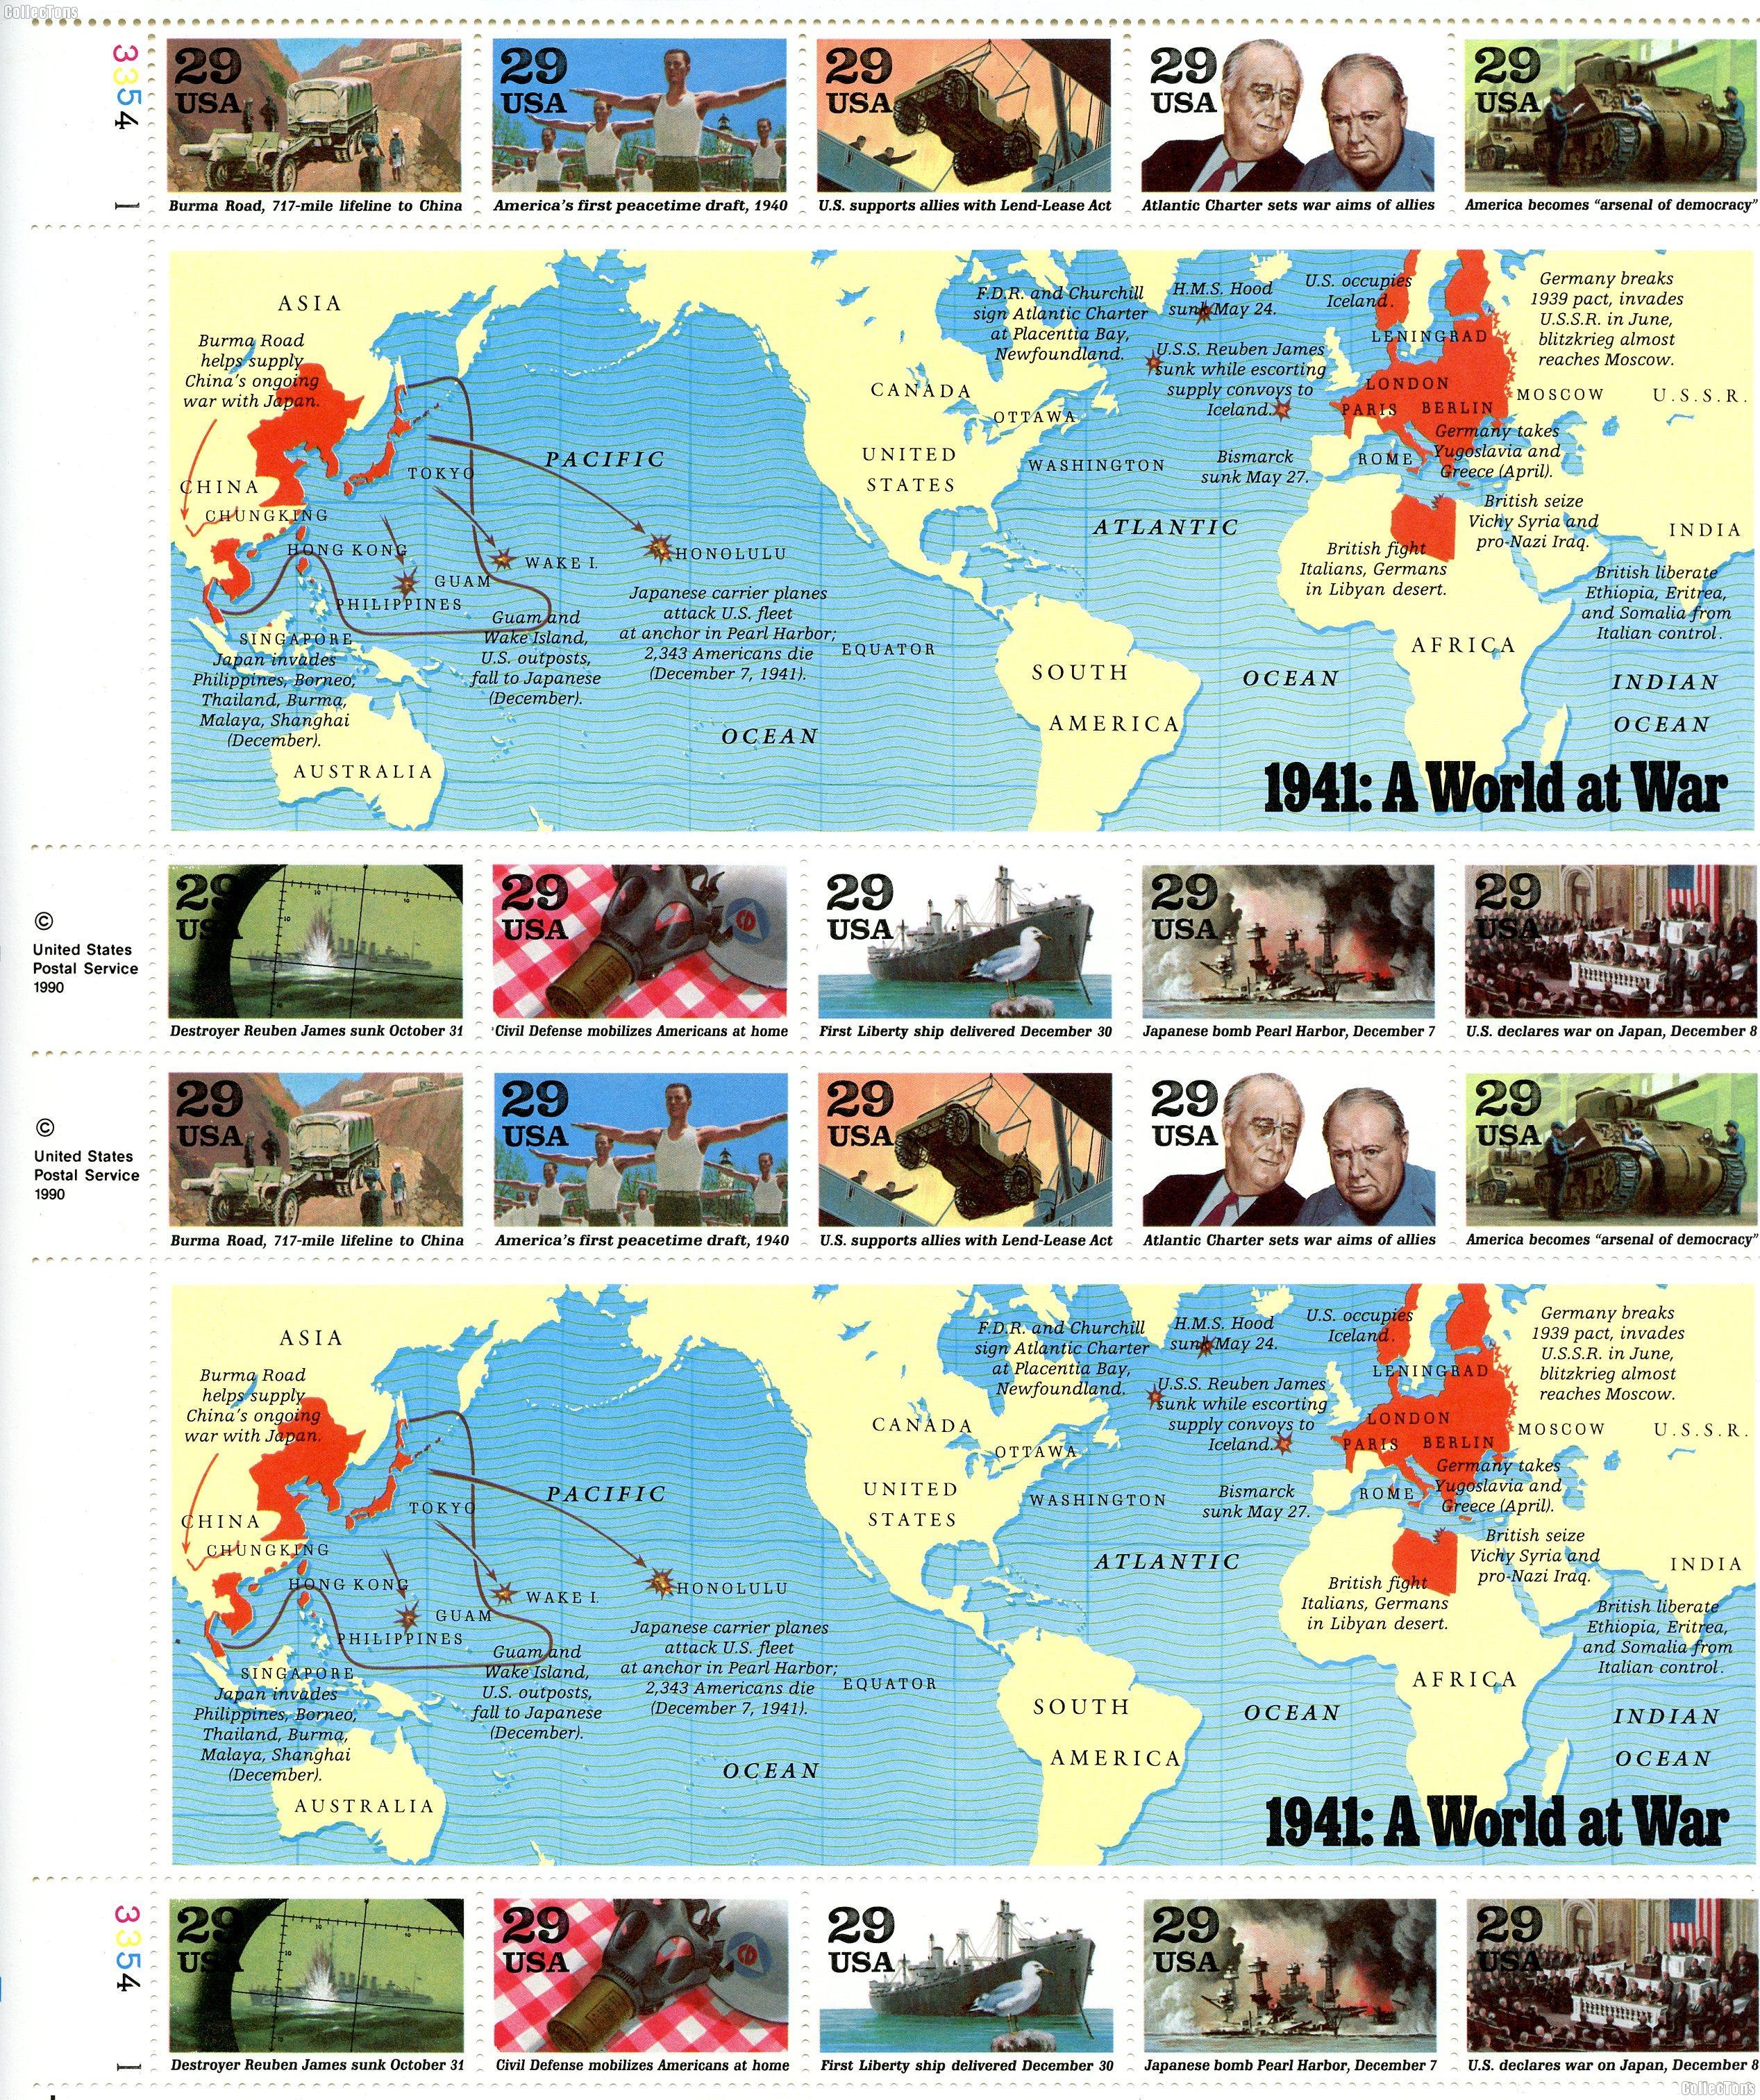 1991 World War II (A World at War) 29 Cent US Postage Stamp MNH Sheet of 20 Scott #2559